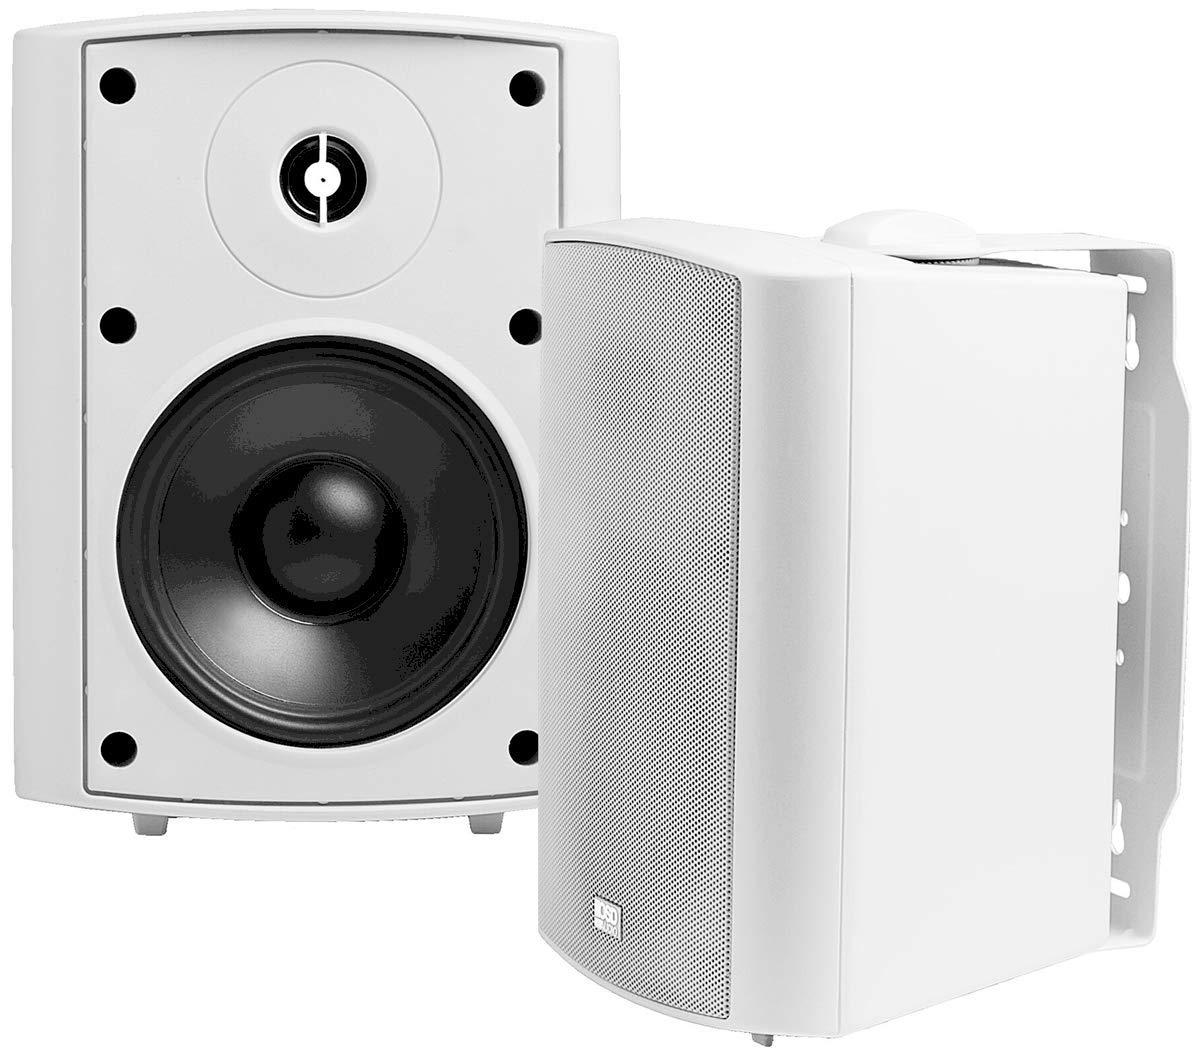 OSD Audio AP520 High Performance Outdoor Patio Speaker (White) AP520 White